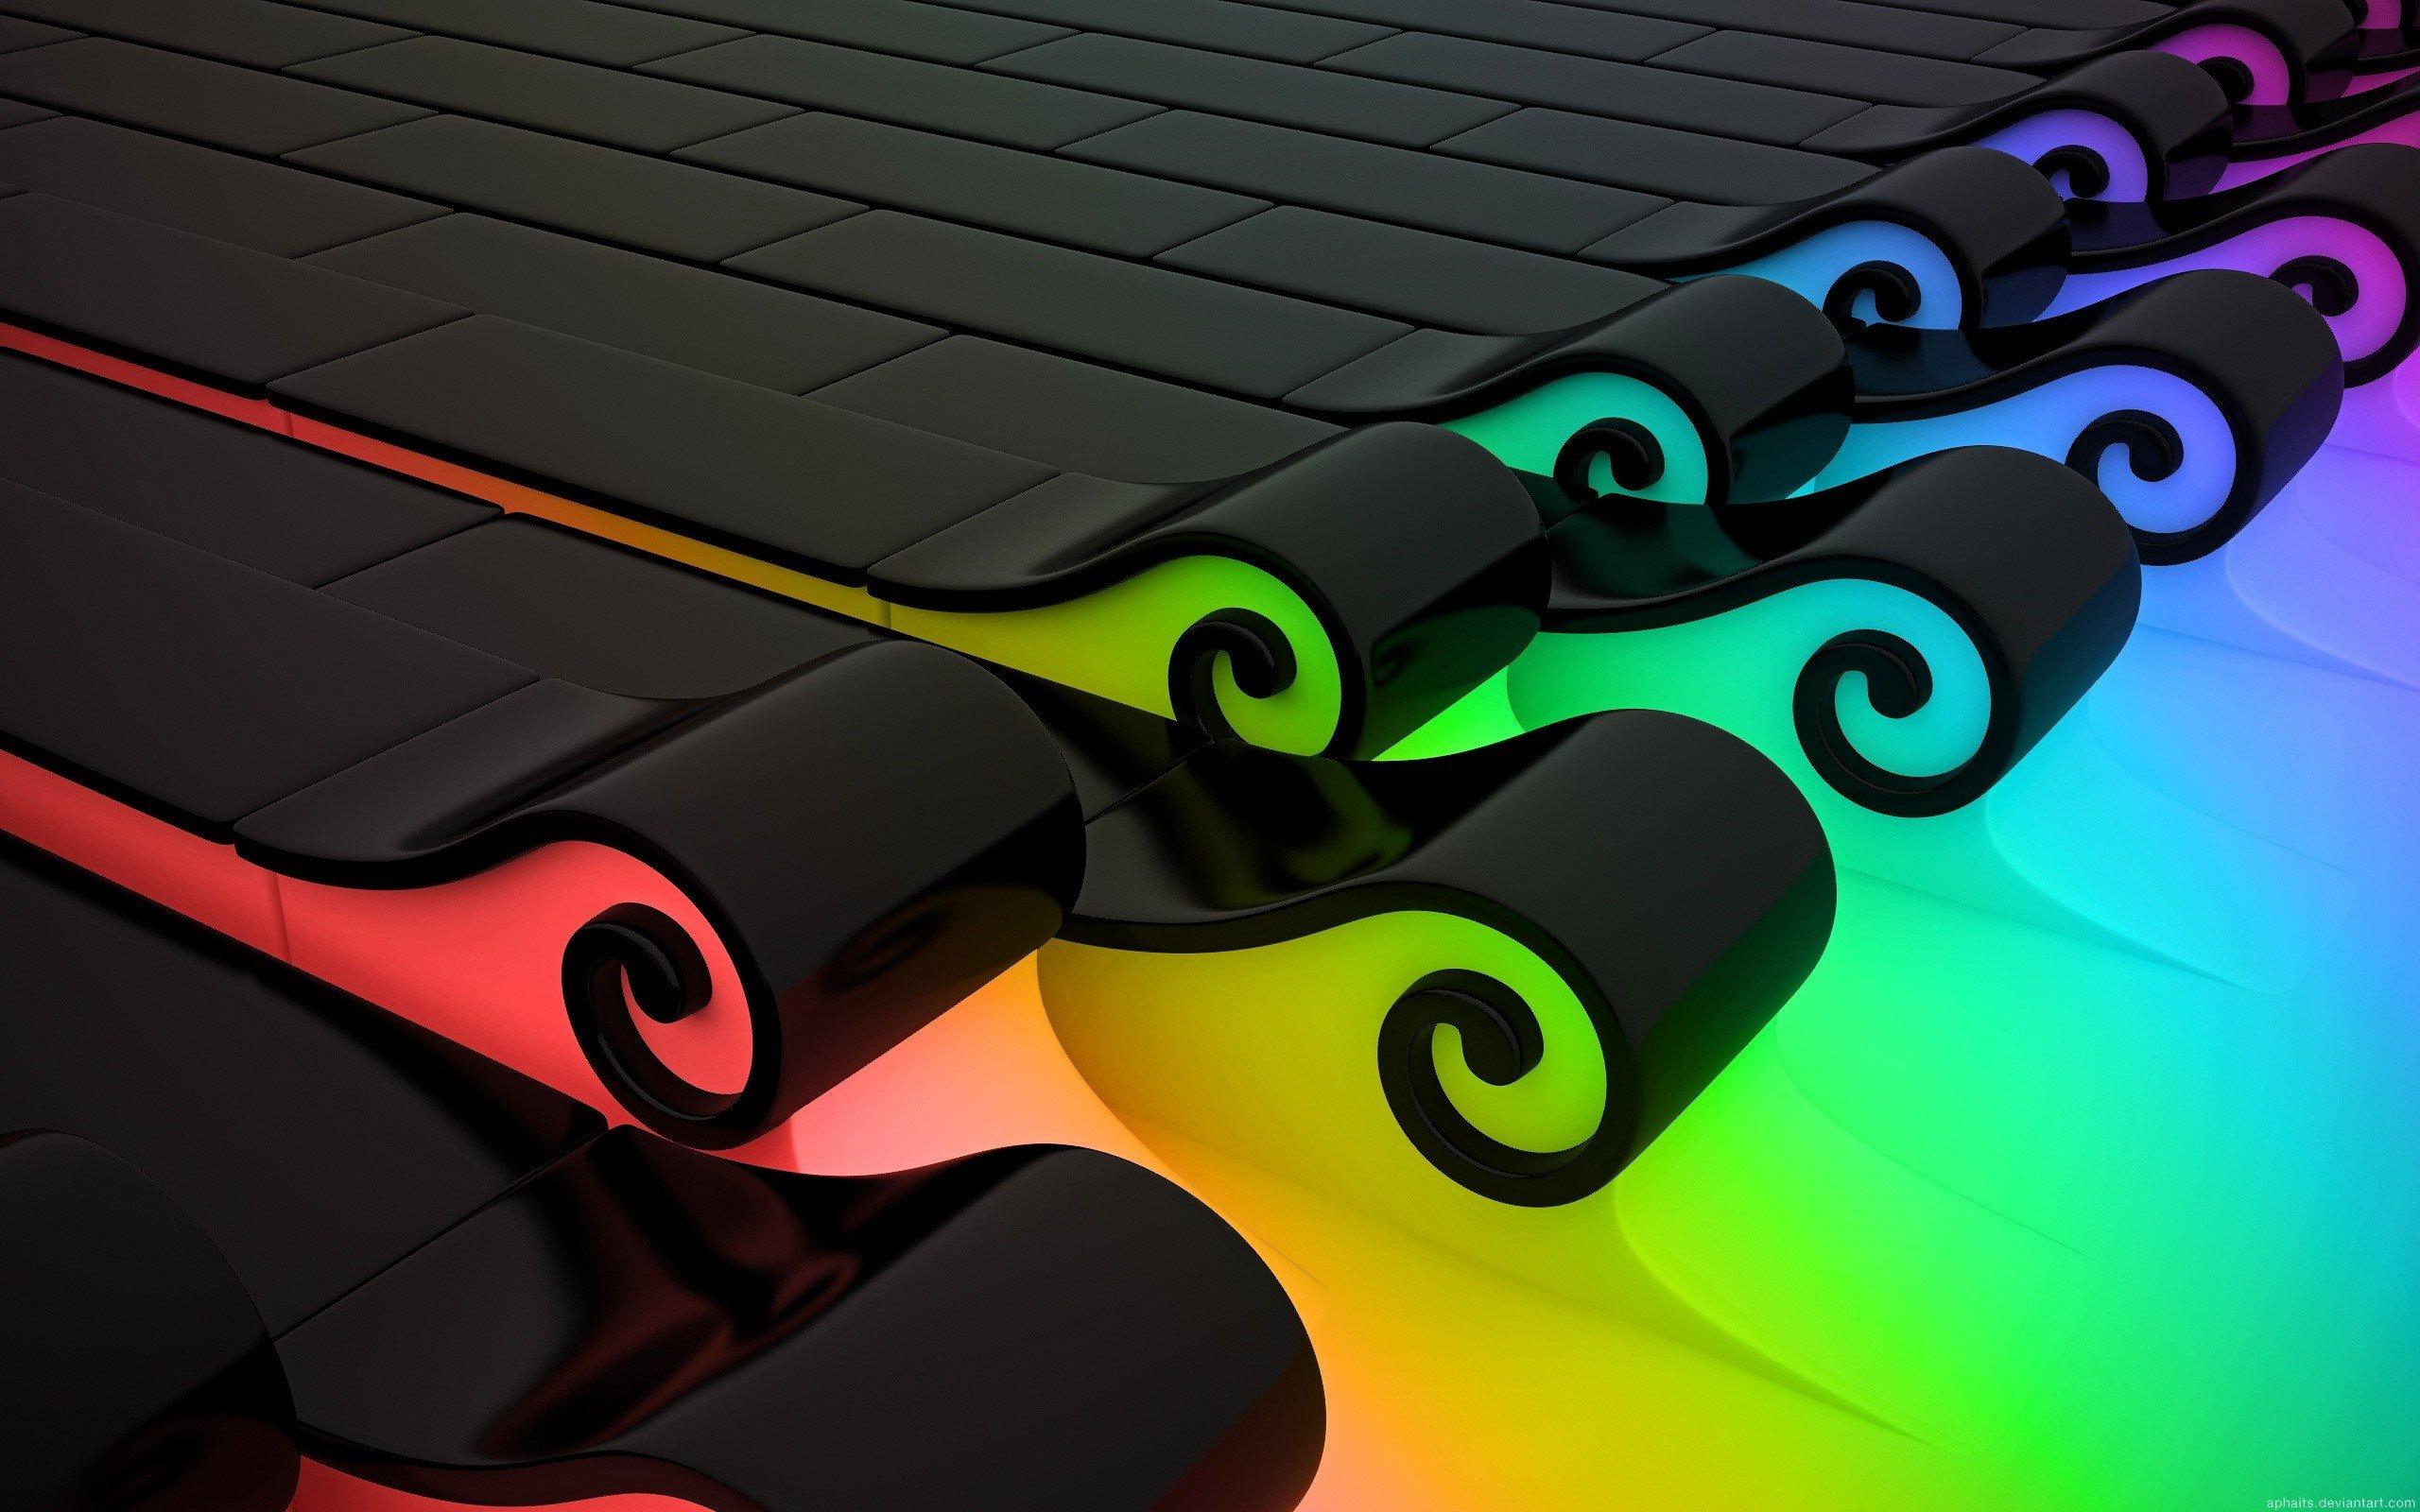 Fondo de pantalla de Lineas con espiral de colores Imágenes